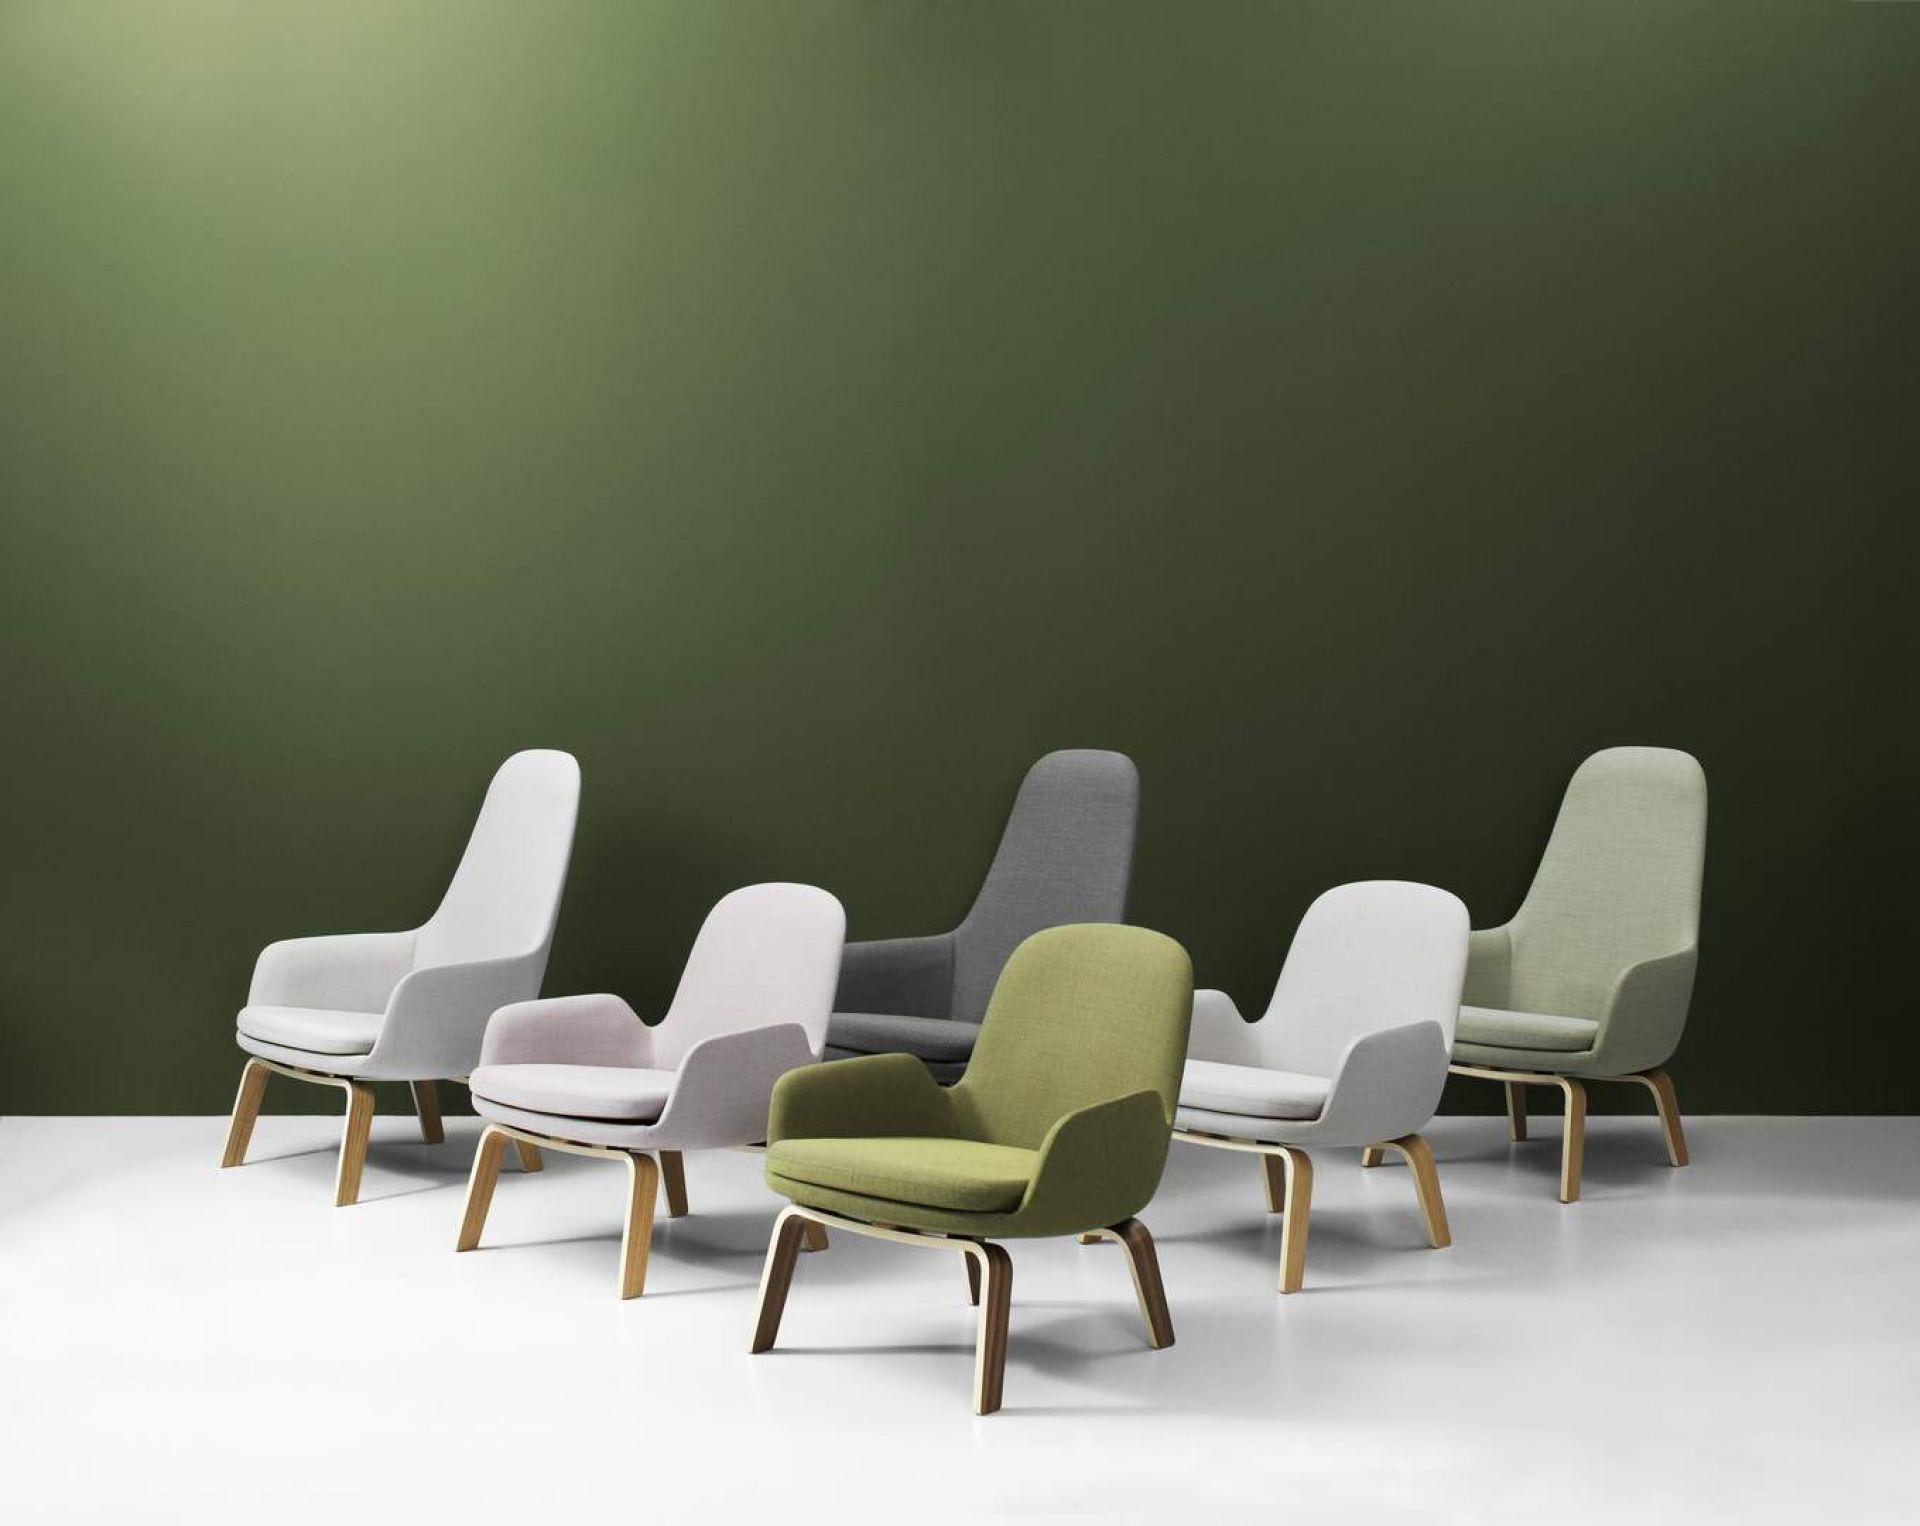 Era Lounge Chair Sessel hoch Normann Copenhagen